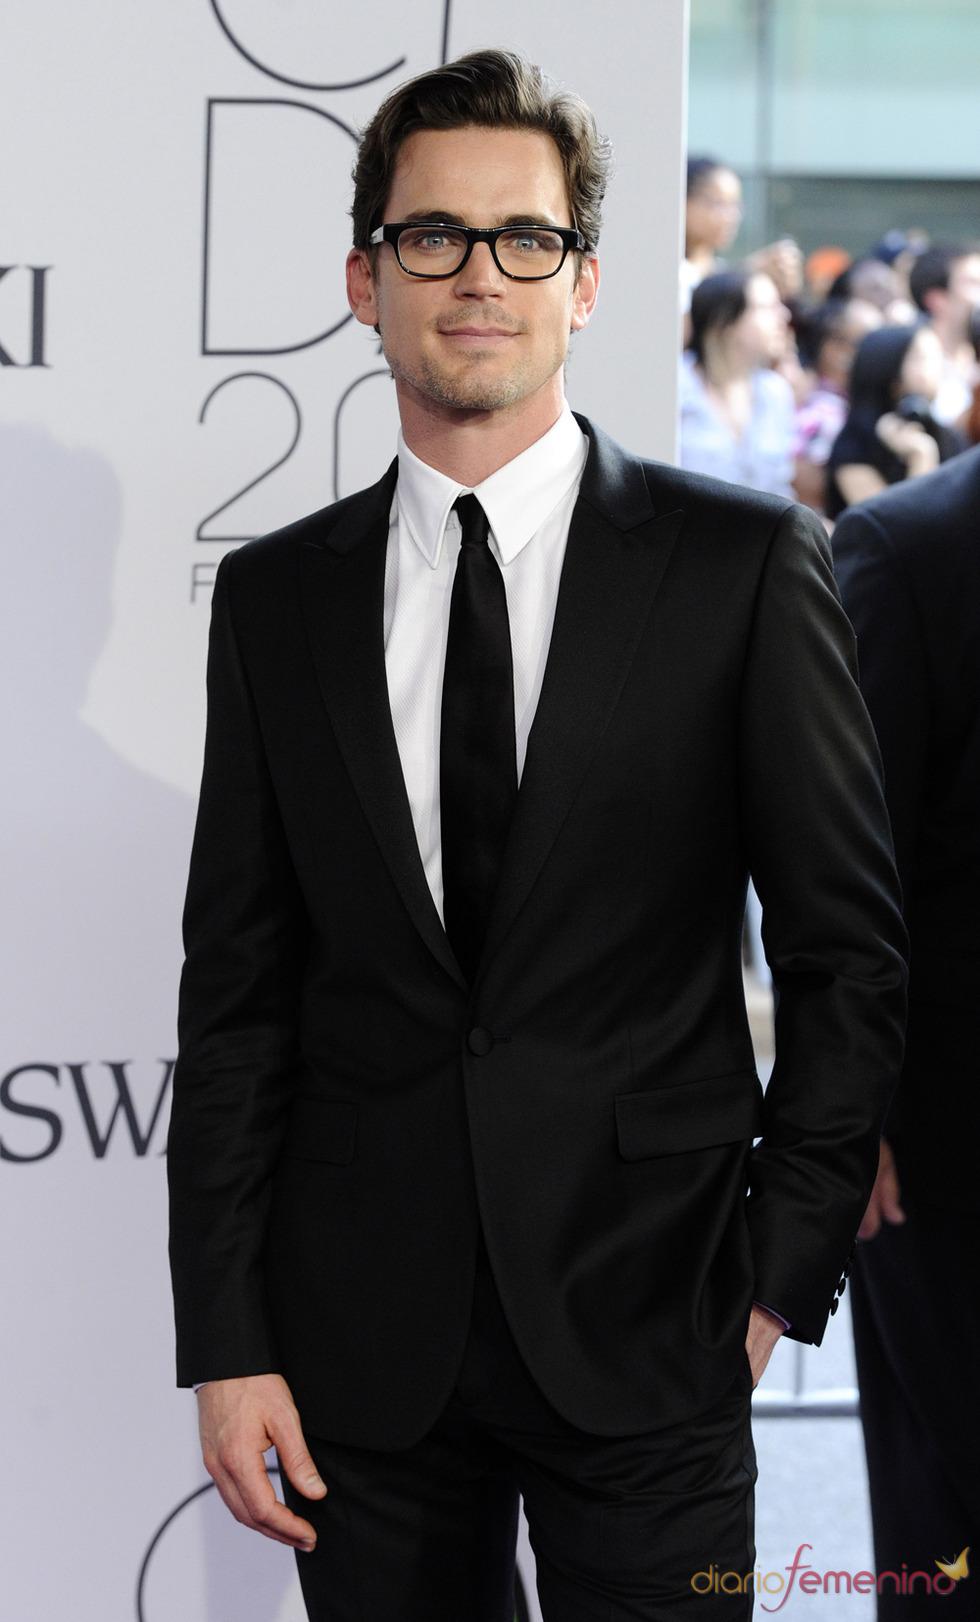 Matt Bomer con gafas de pasta en los premios de la moda CFDA de 2011